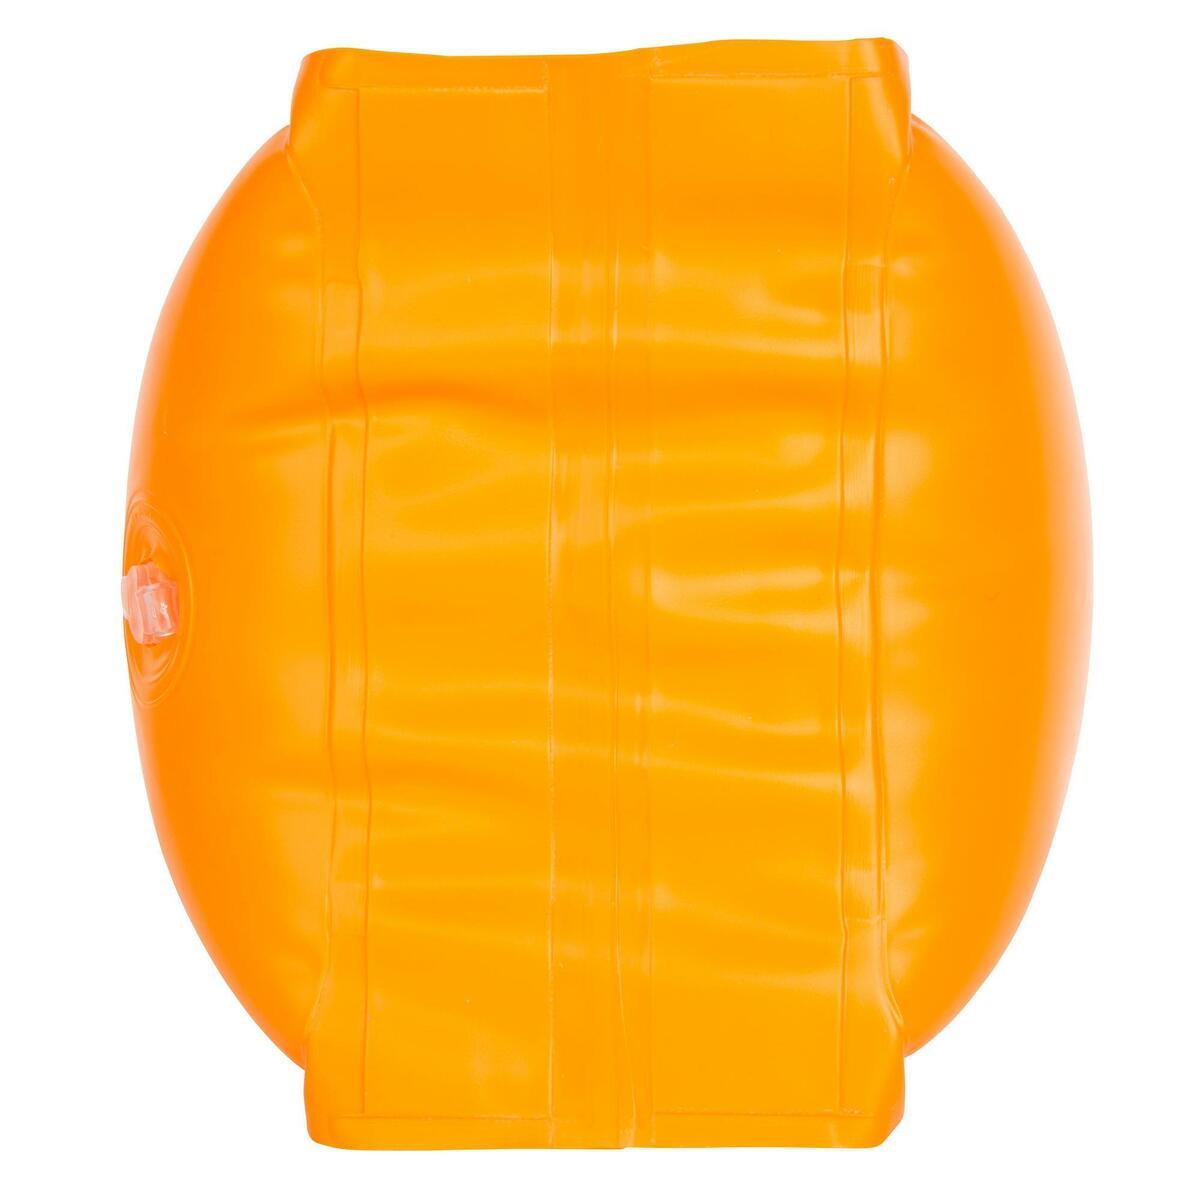 Bild 4 von Schwimmflügel Kinder 3060 kg orange